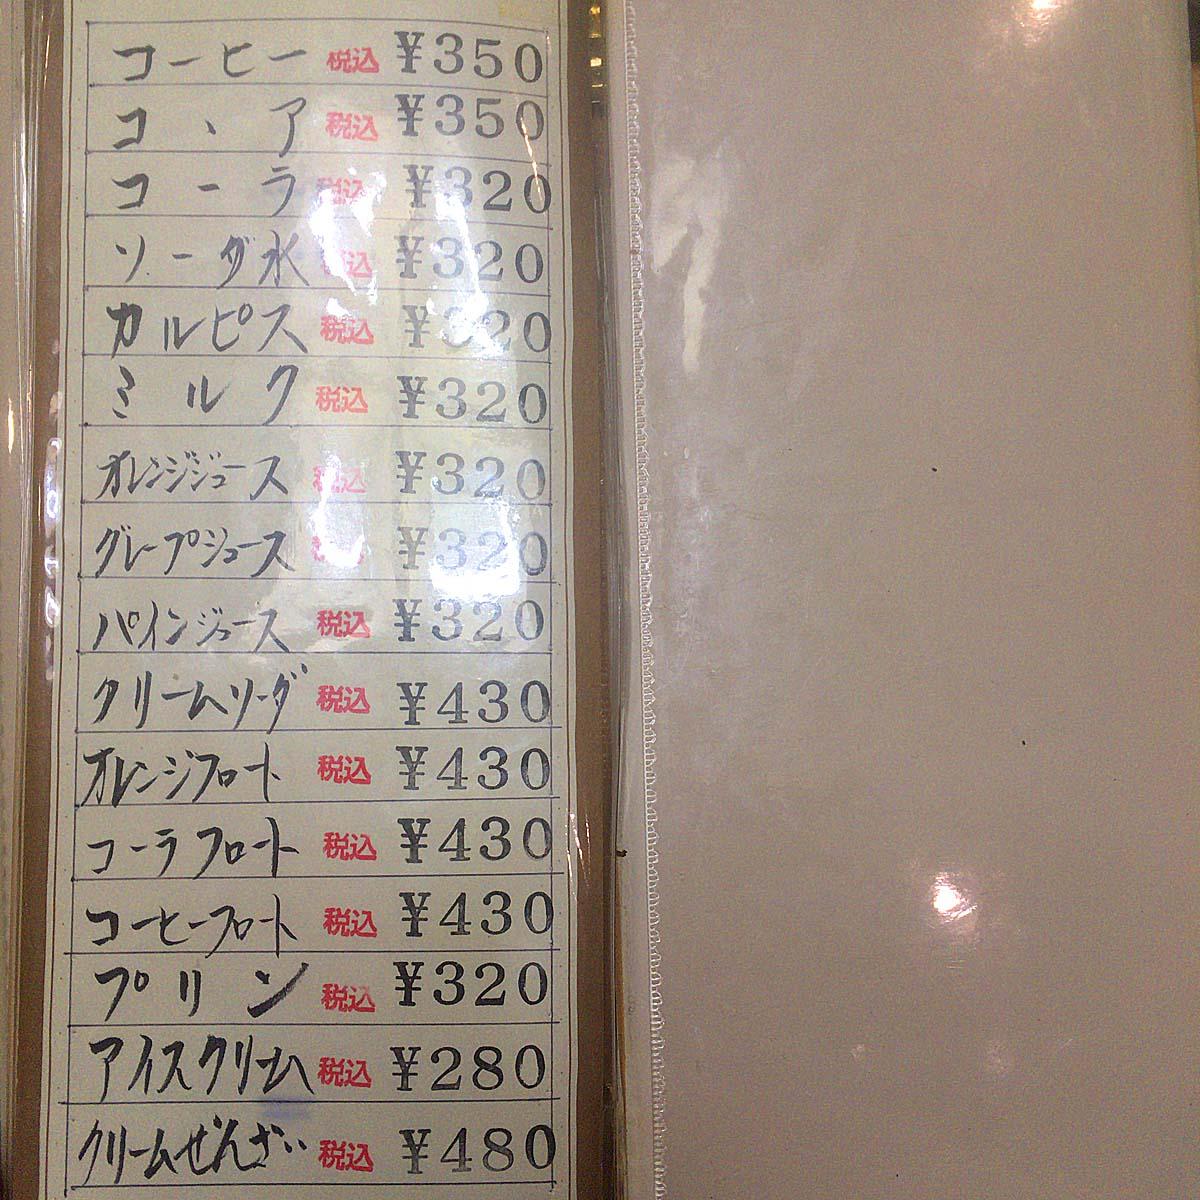 これはもう喫茶店、それも純喫茶メニューの類い@浅草の老舗甘味処「山口家本店」